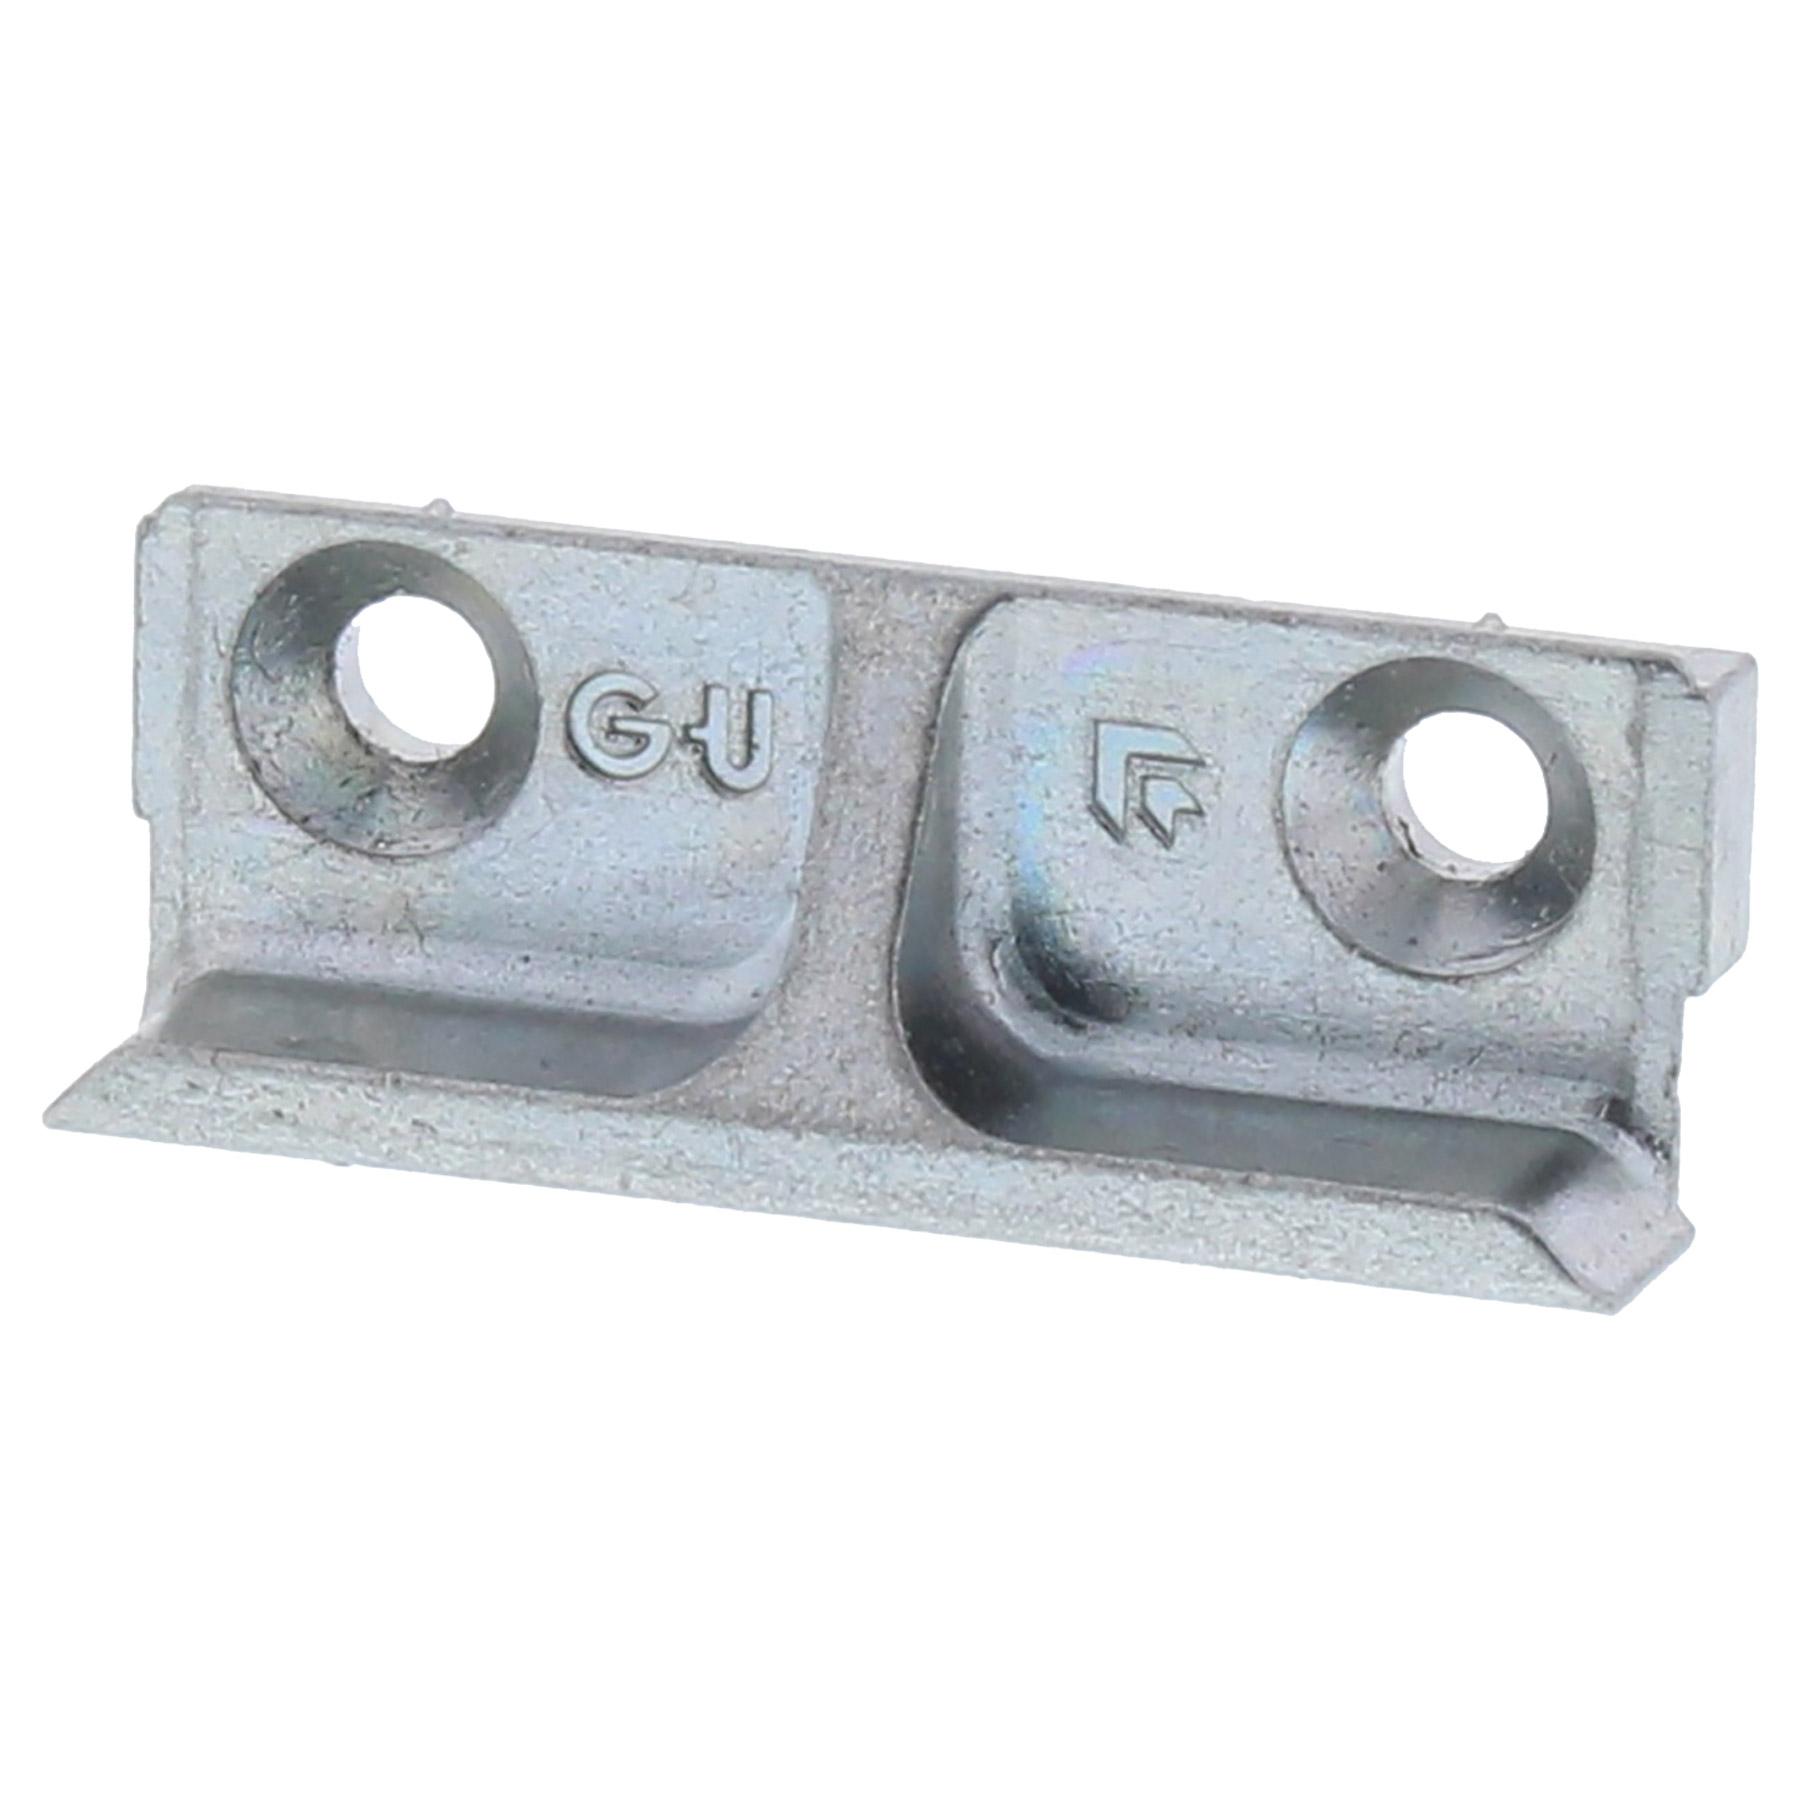 Gu 8 184 schlie blech schlie platte schliessblech for Fensterbeschlage ersatzteile